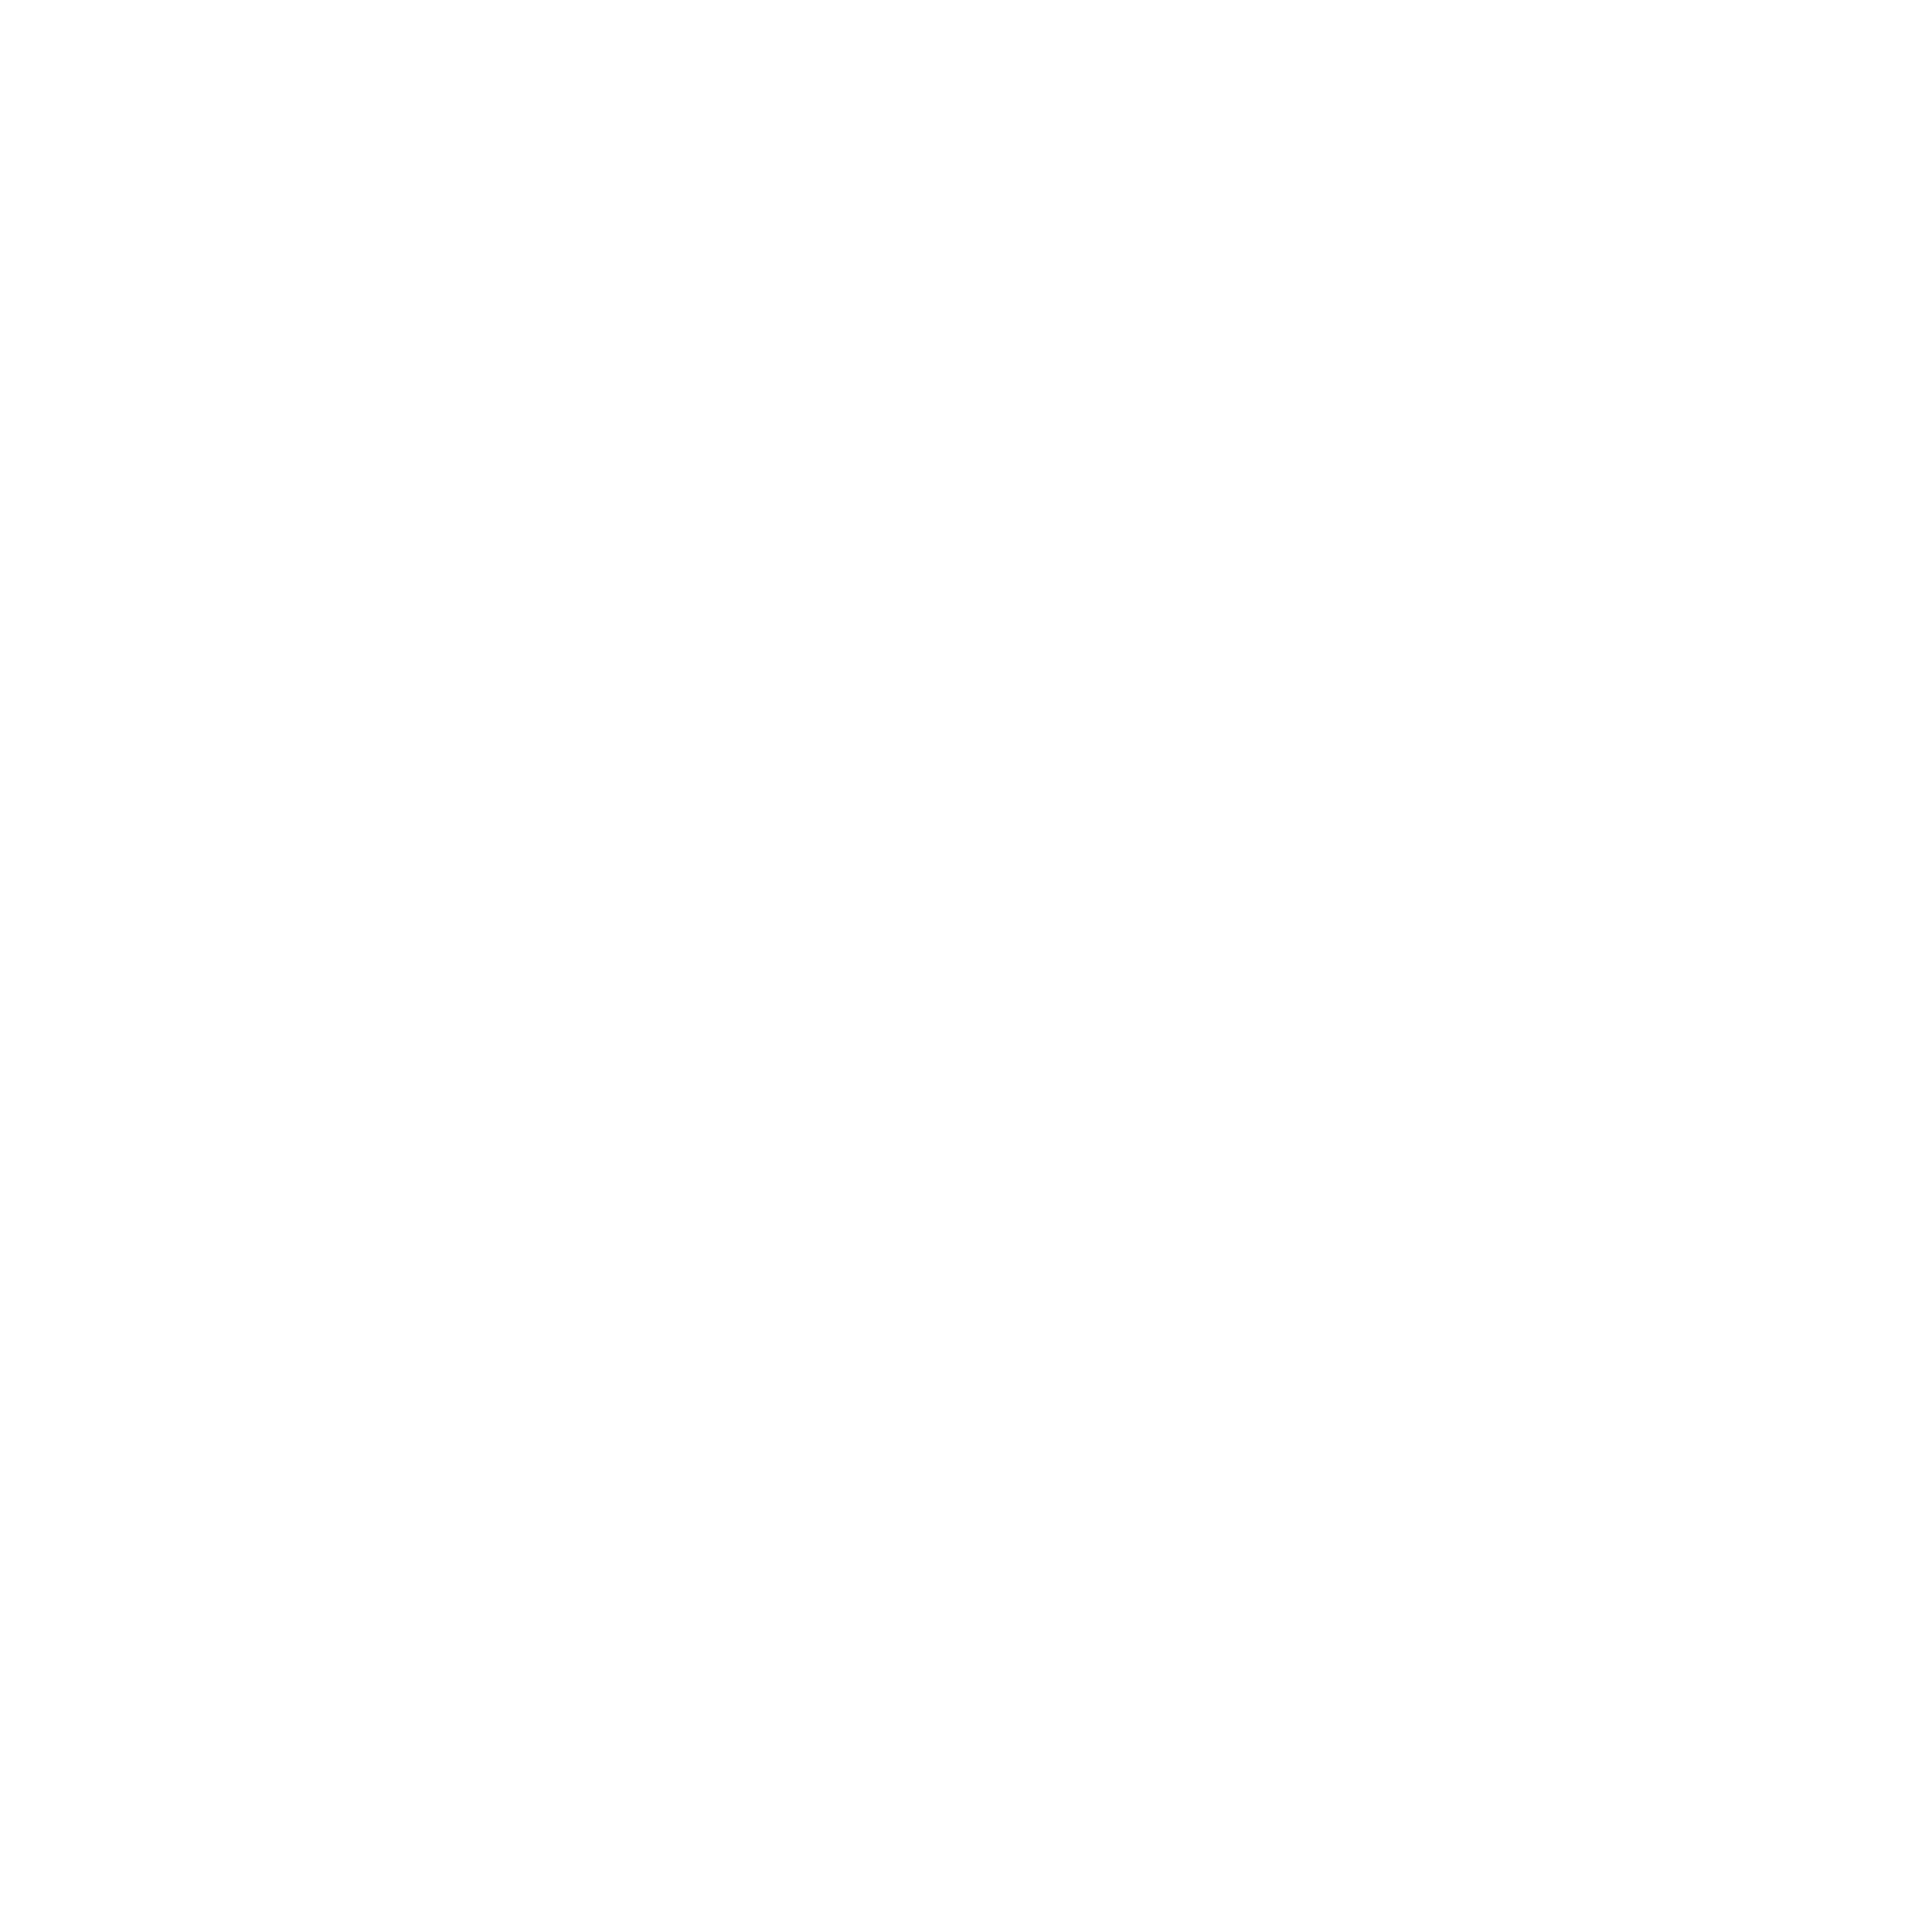 Repetidor de cobertura WIFI 300 mbps tp-link